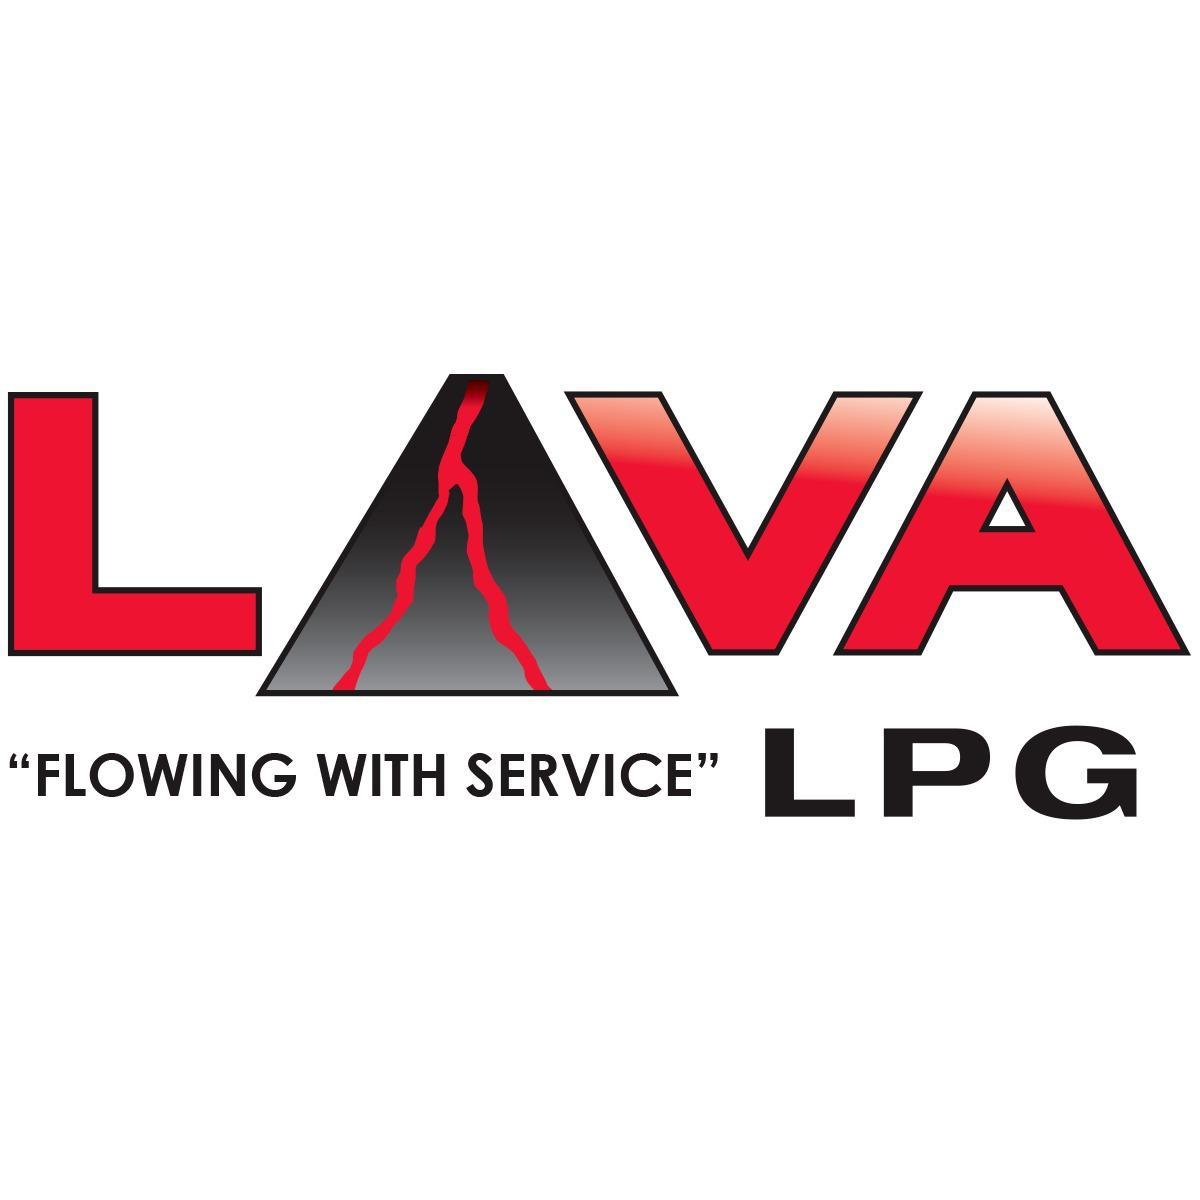 Lava LPG